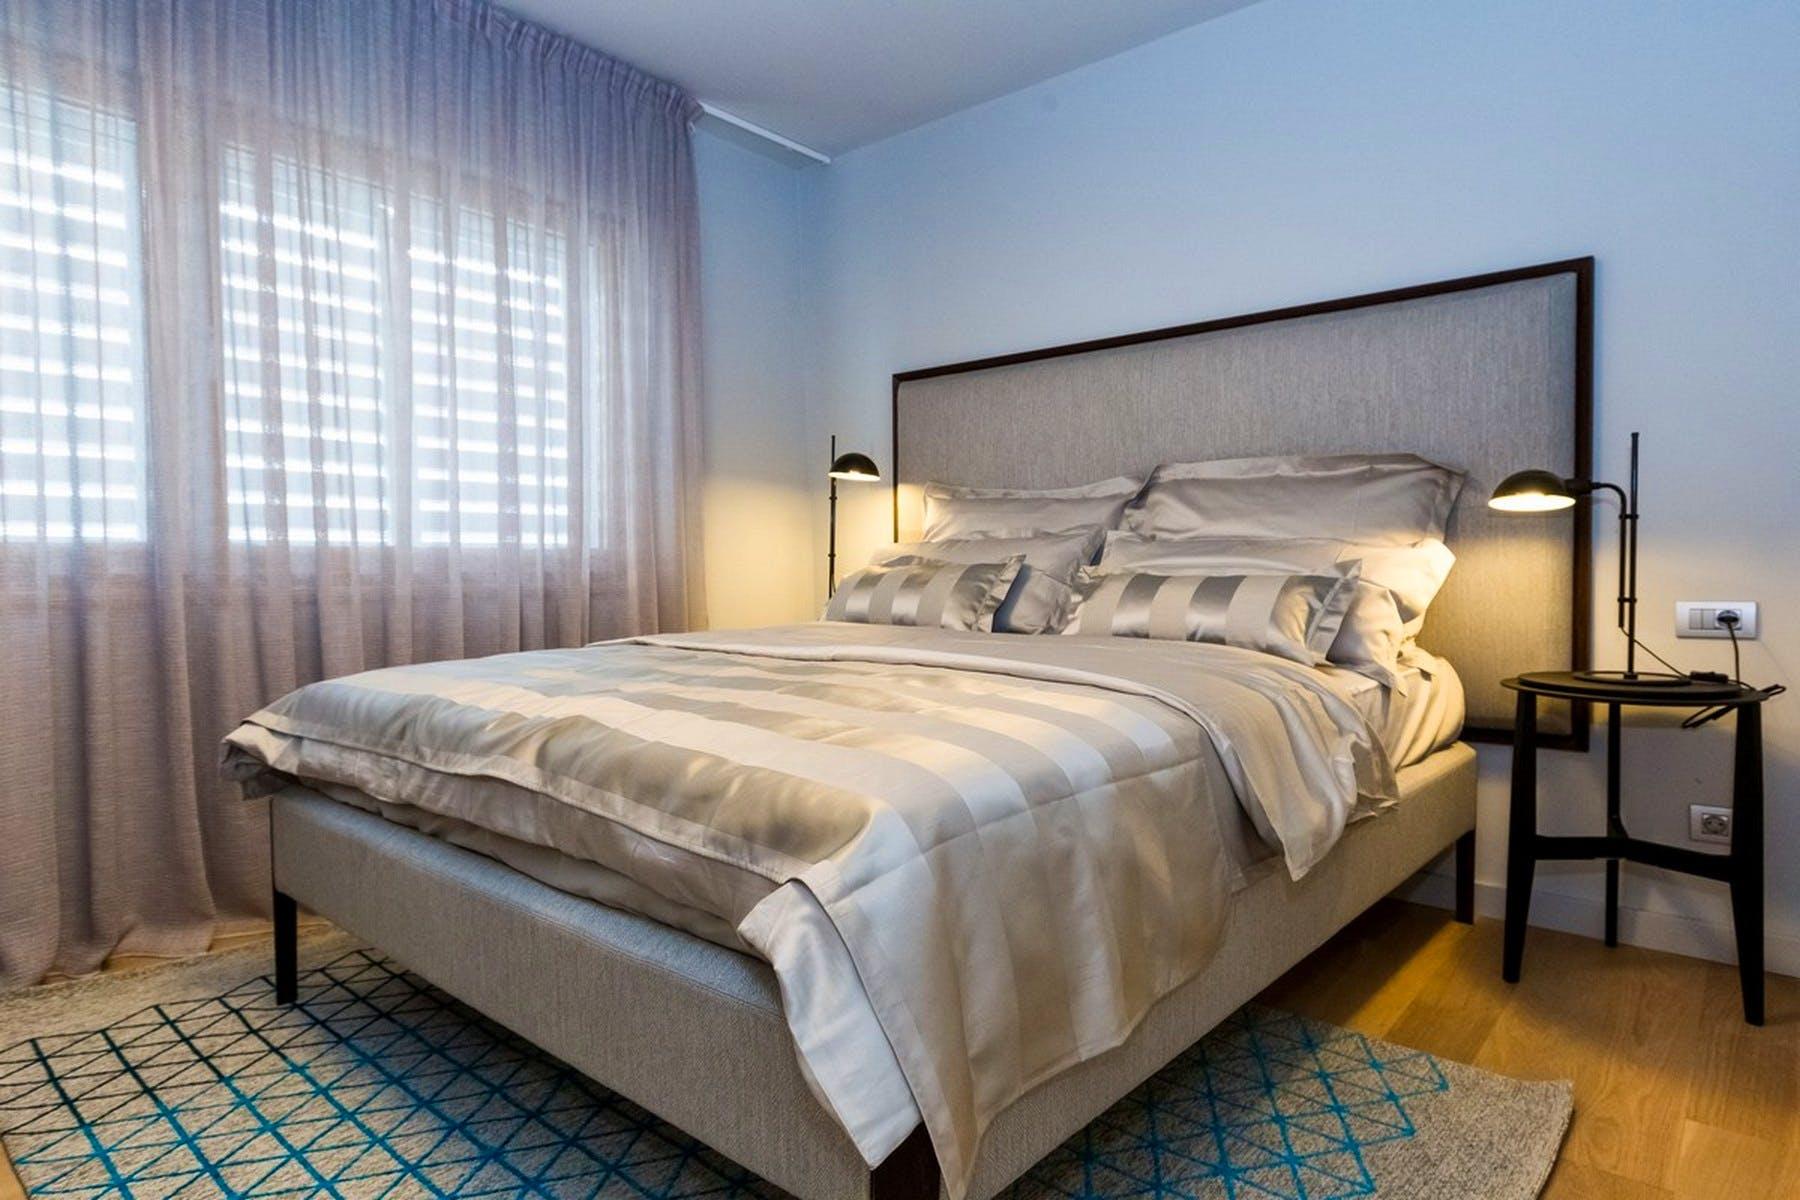 Dvokrevetna spavaća soba sa sivim detaljima